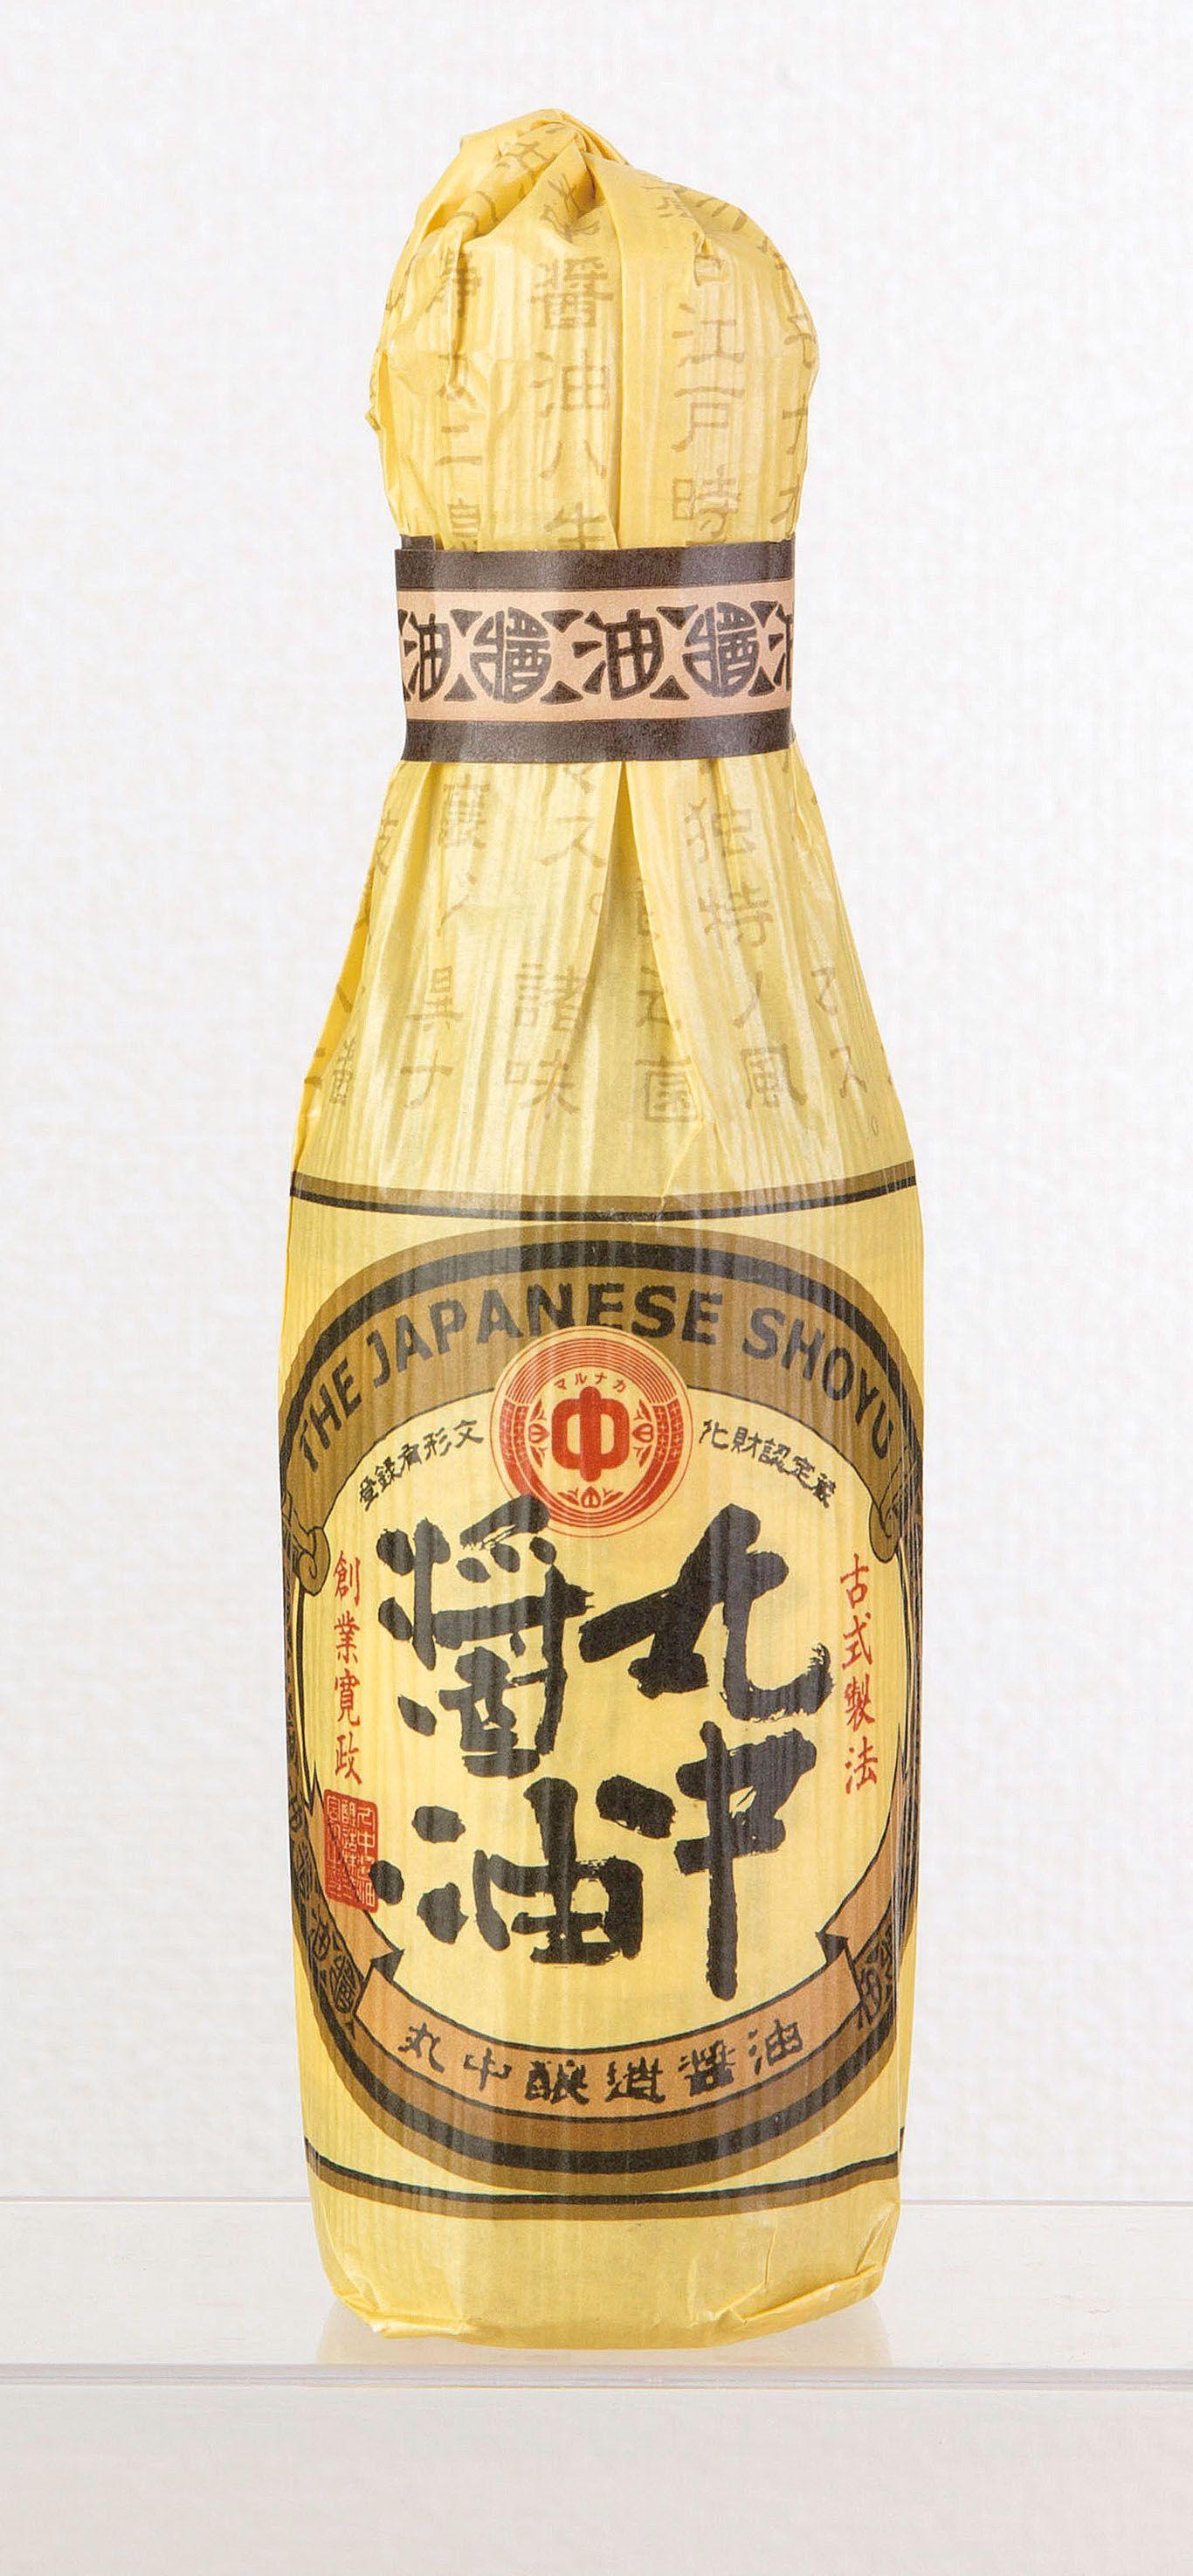 豊年市場 日本橋室町 豊年萬福 公式サイト パッケージデザイン 醤油 醸造